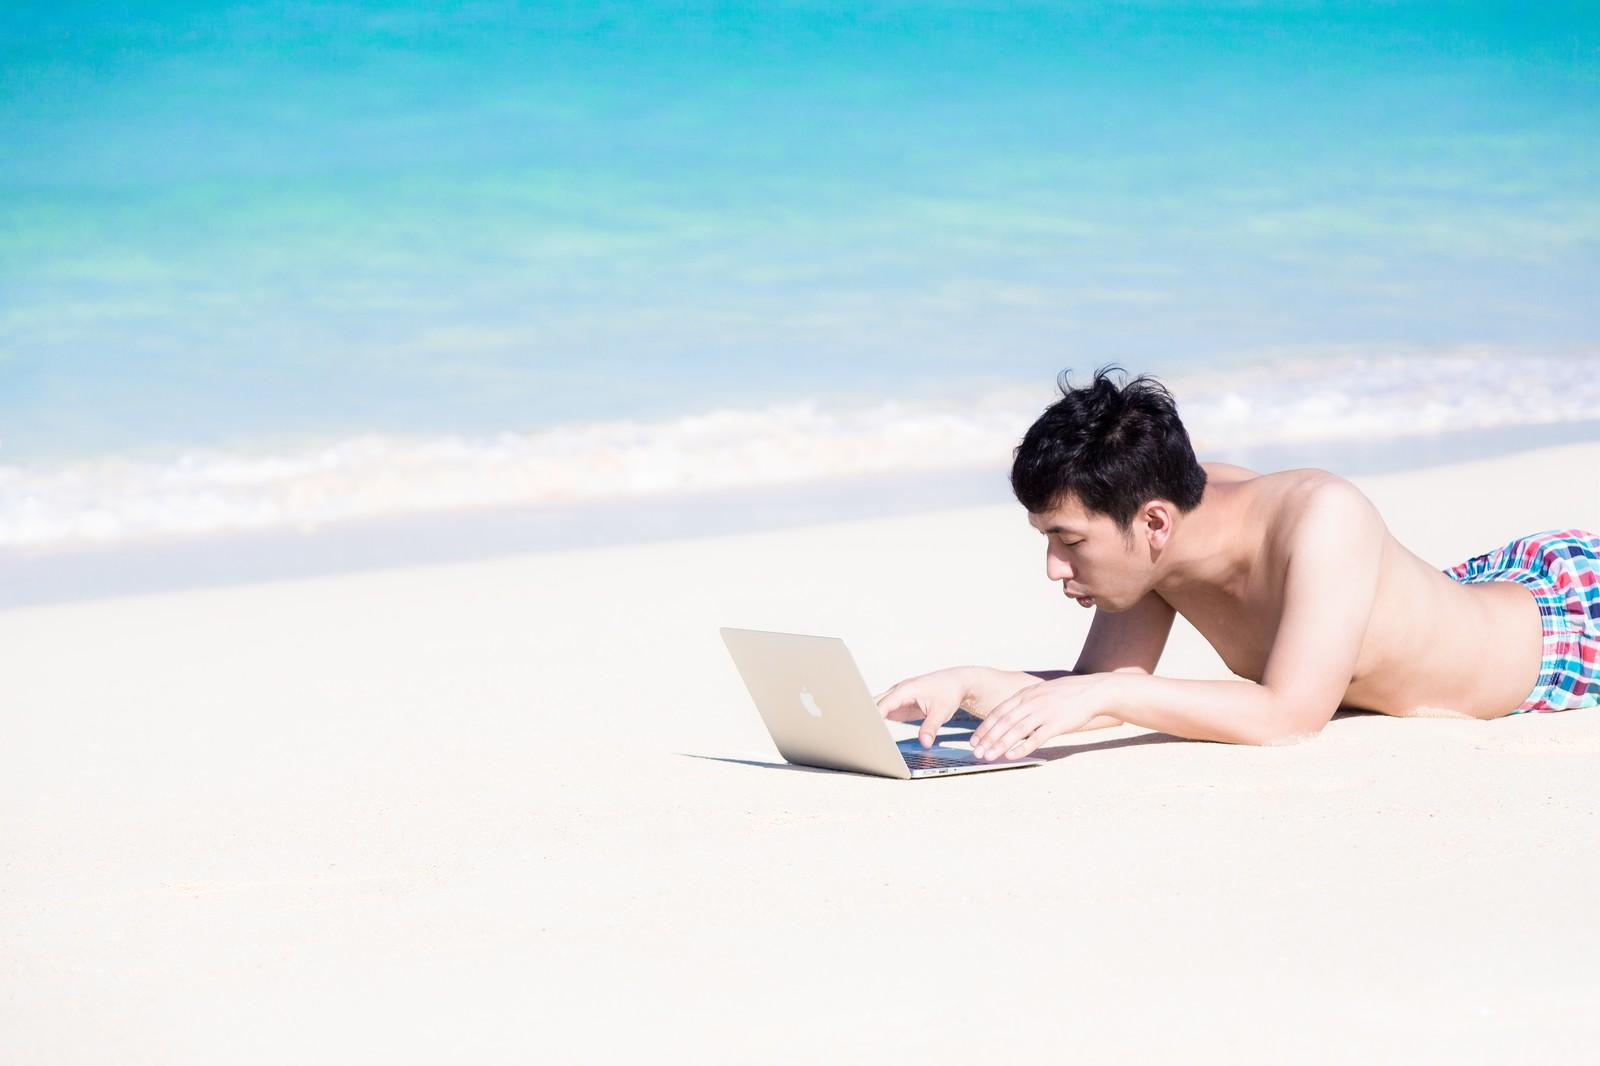 ブログ初心者が毎月5万円稼ぐ手順を分かりやすく説明